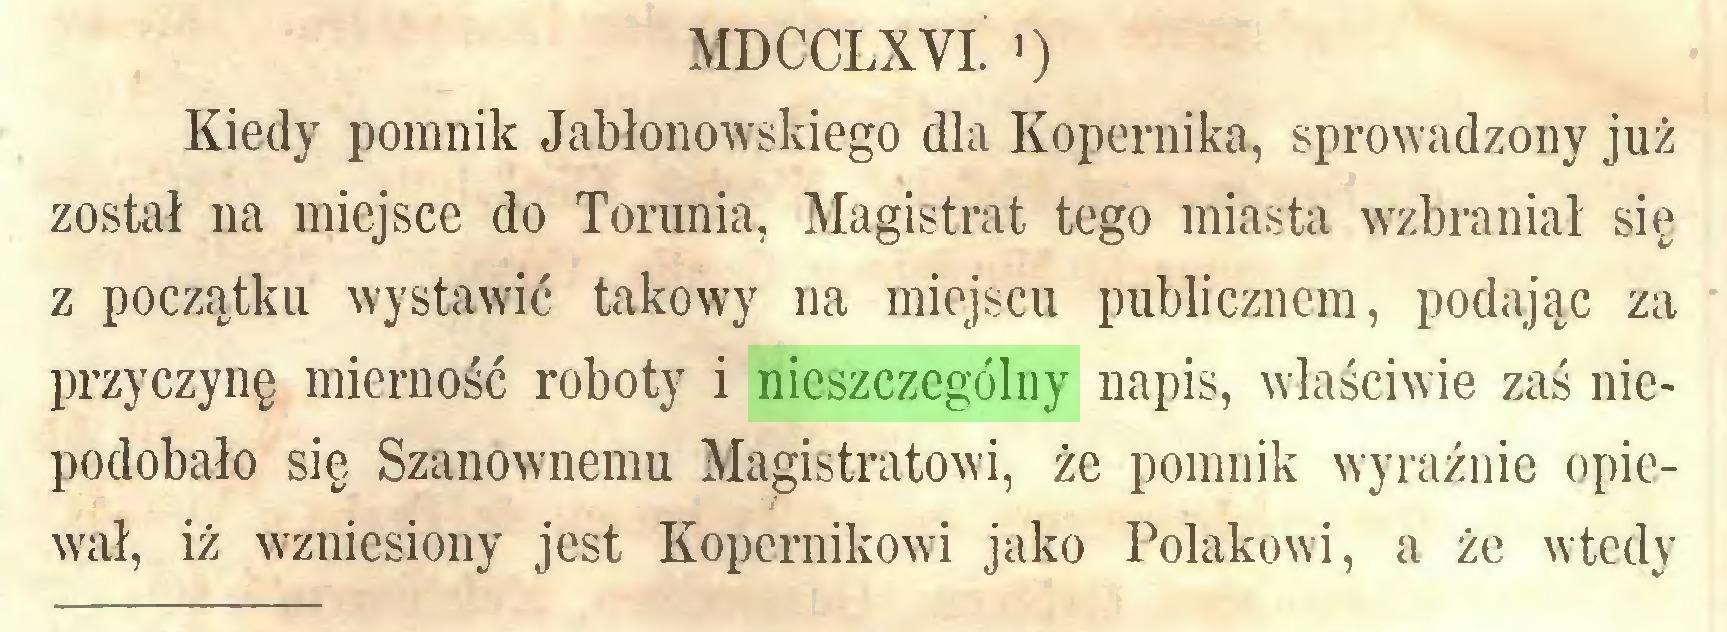 (...) MDCCLXYI. 0 Kiedy pomnik Jabłonowskiego dla Kopernika, sprowadzony już został na miejsce do Torunia, Magistrat tego miasta wzbraniał się z początku wystawić takowy na miejscu publicznem, podając za przyczynę mierność roboty i nieszczególny napis, właściwie zaś niepodobało się Szanownemu Magistratowi, że pomnik wyraźnie opiewał, iż wzniesiony jest Kopernikowi jako Polakowi, a że wtedy...